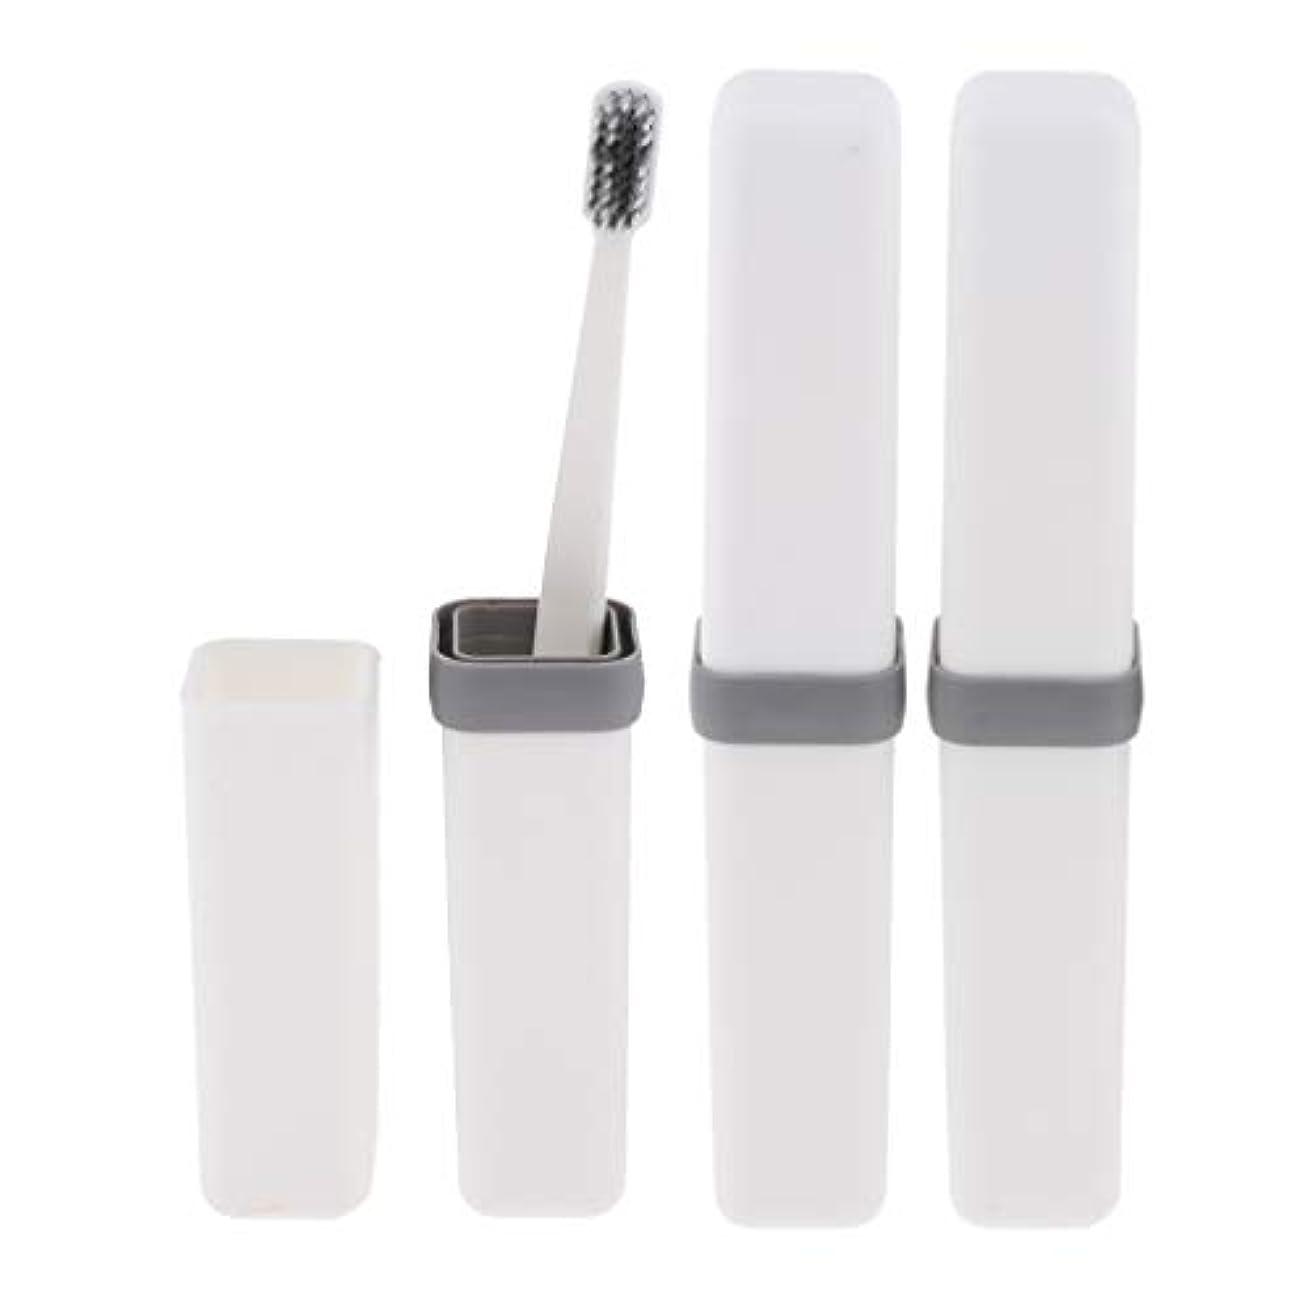 ありふれた不正支払うFenteer 歯ブラシ 歯磨き 歯清潔 収納ボックス付 旅行 キャンプ 学校 軽量 携帯 実用的 3個 全4色 - 白